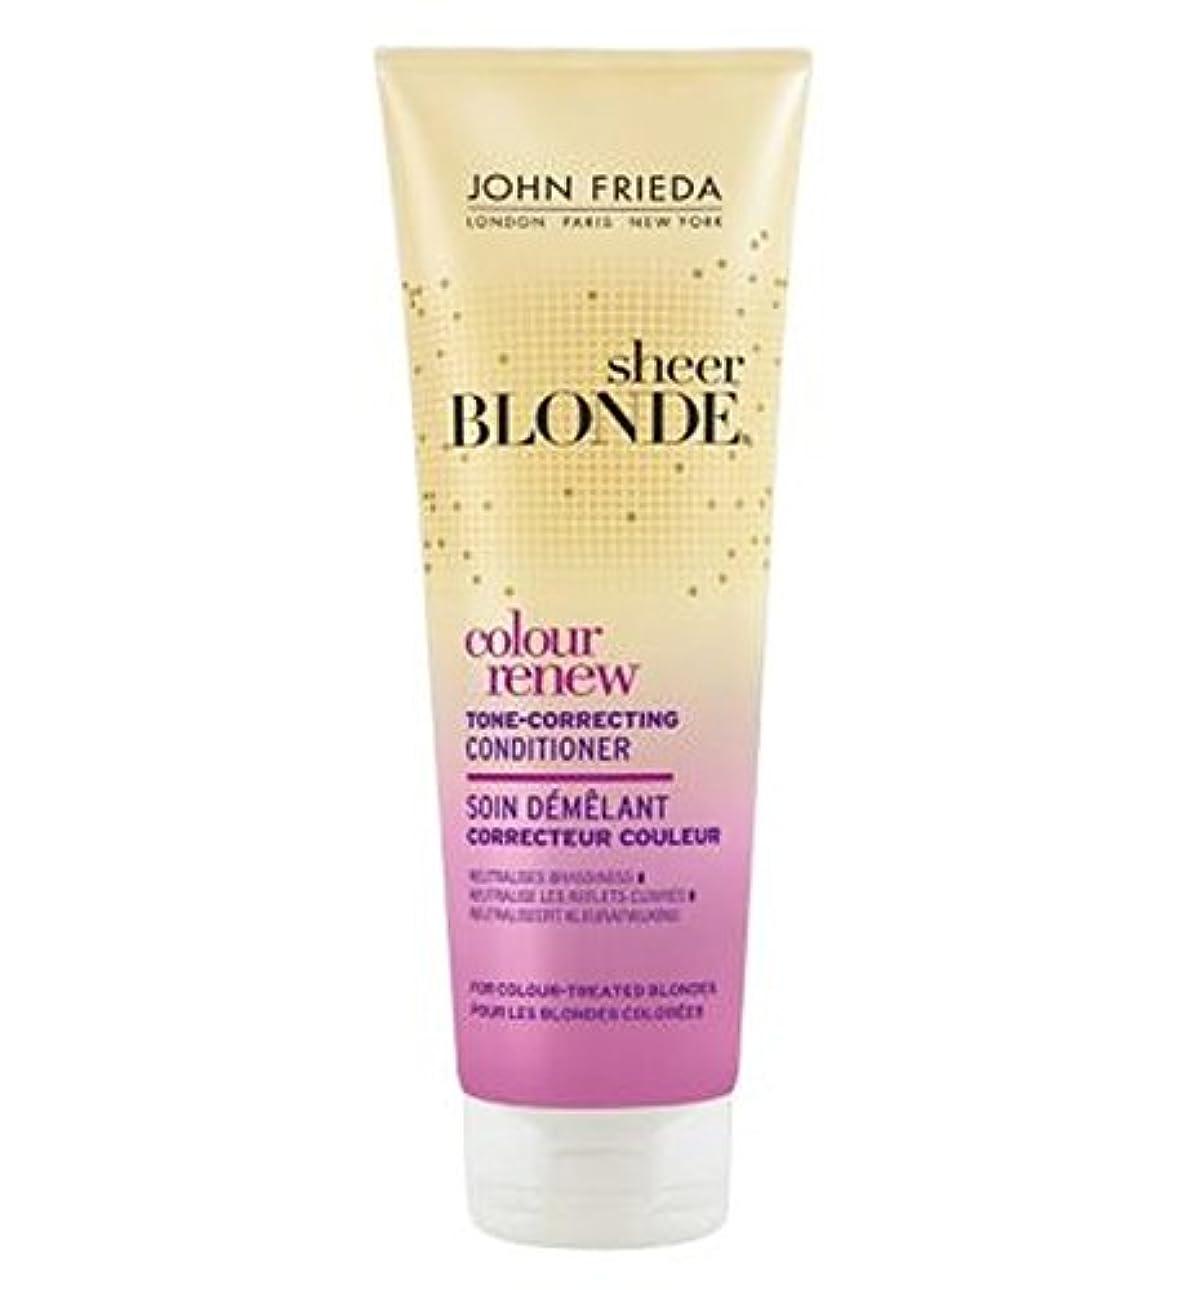 医薬品ハイブリッド幼児ジョン?フリーダ薄手のブロンド色は色調補正コンディショナー250ミリリットルを更新します (John Frieda) (x2) - John Frieda Sheer Blonde Colour Renew Tone Correcting...